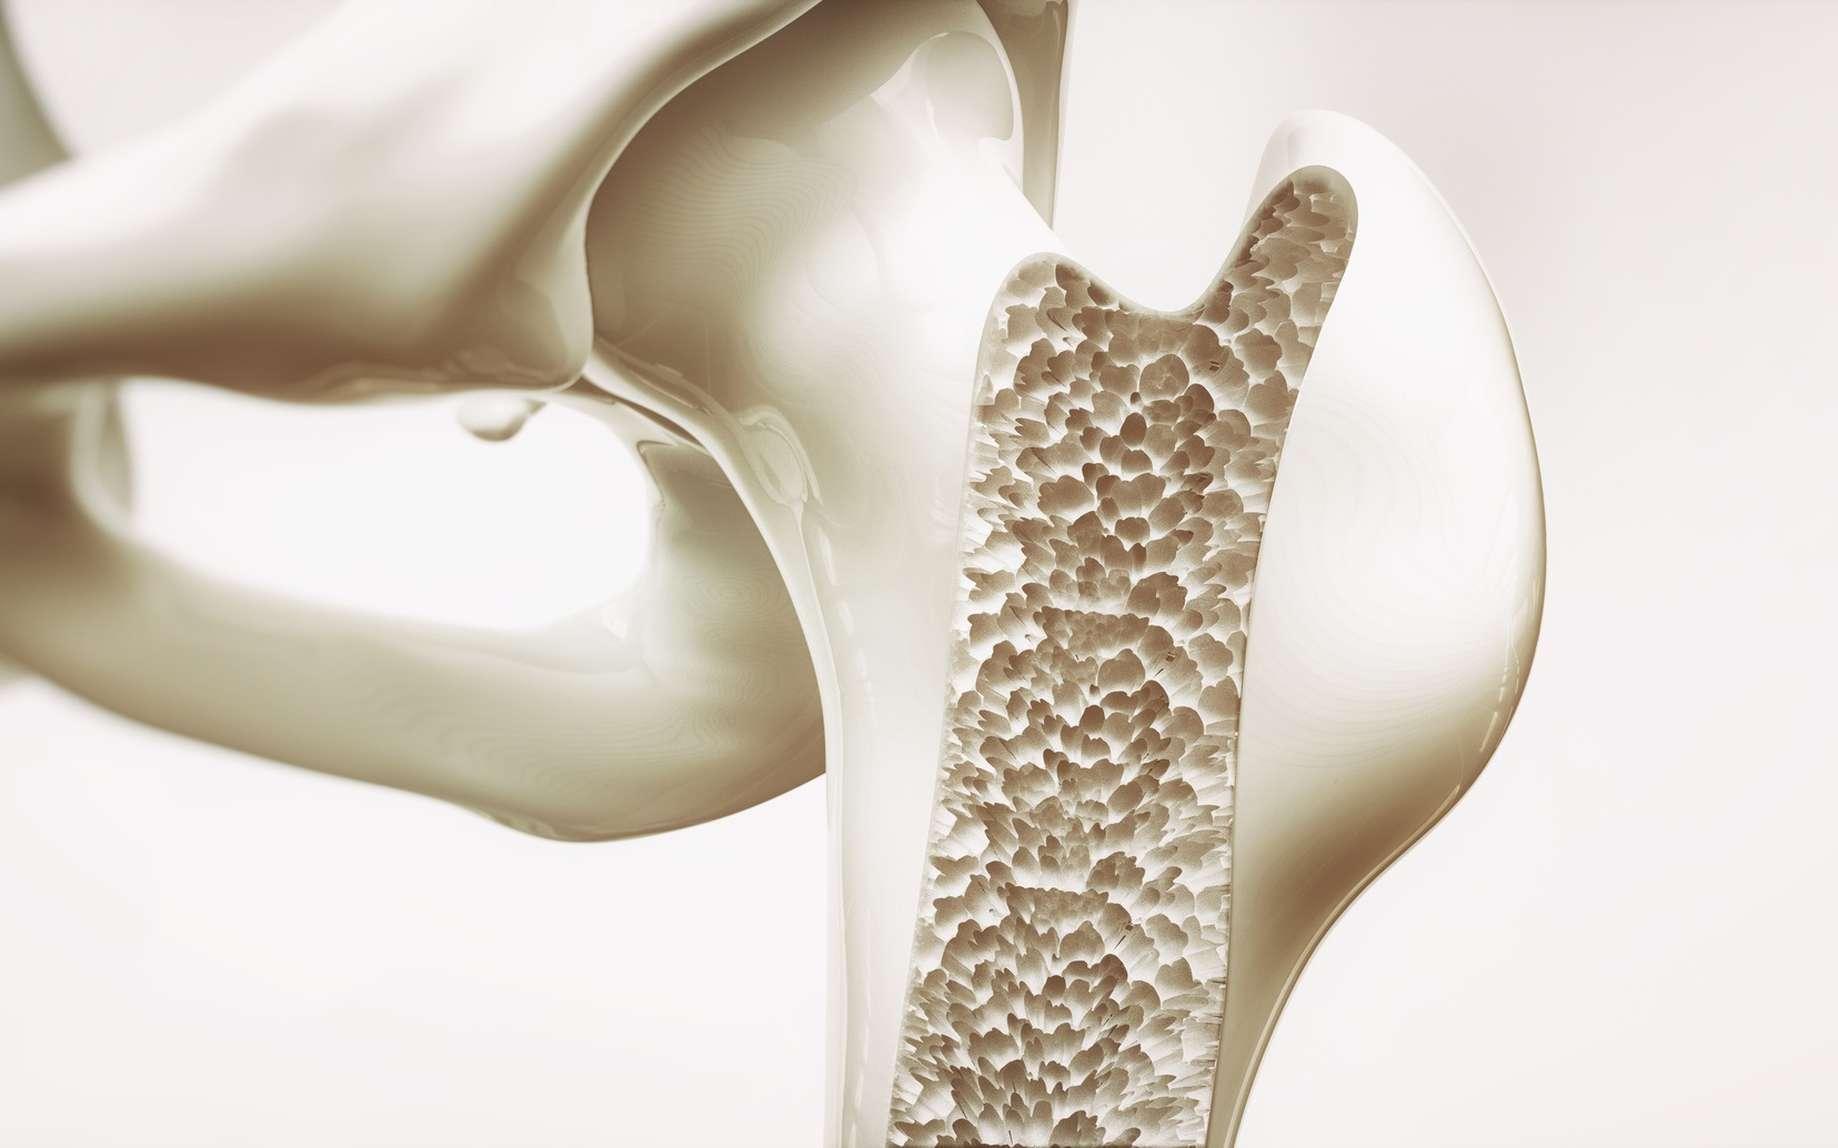 L'ostéoporose conduit à une fragilisation de l'os. © crevis, Fotolia